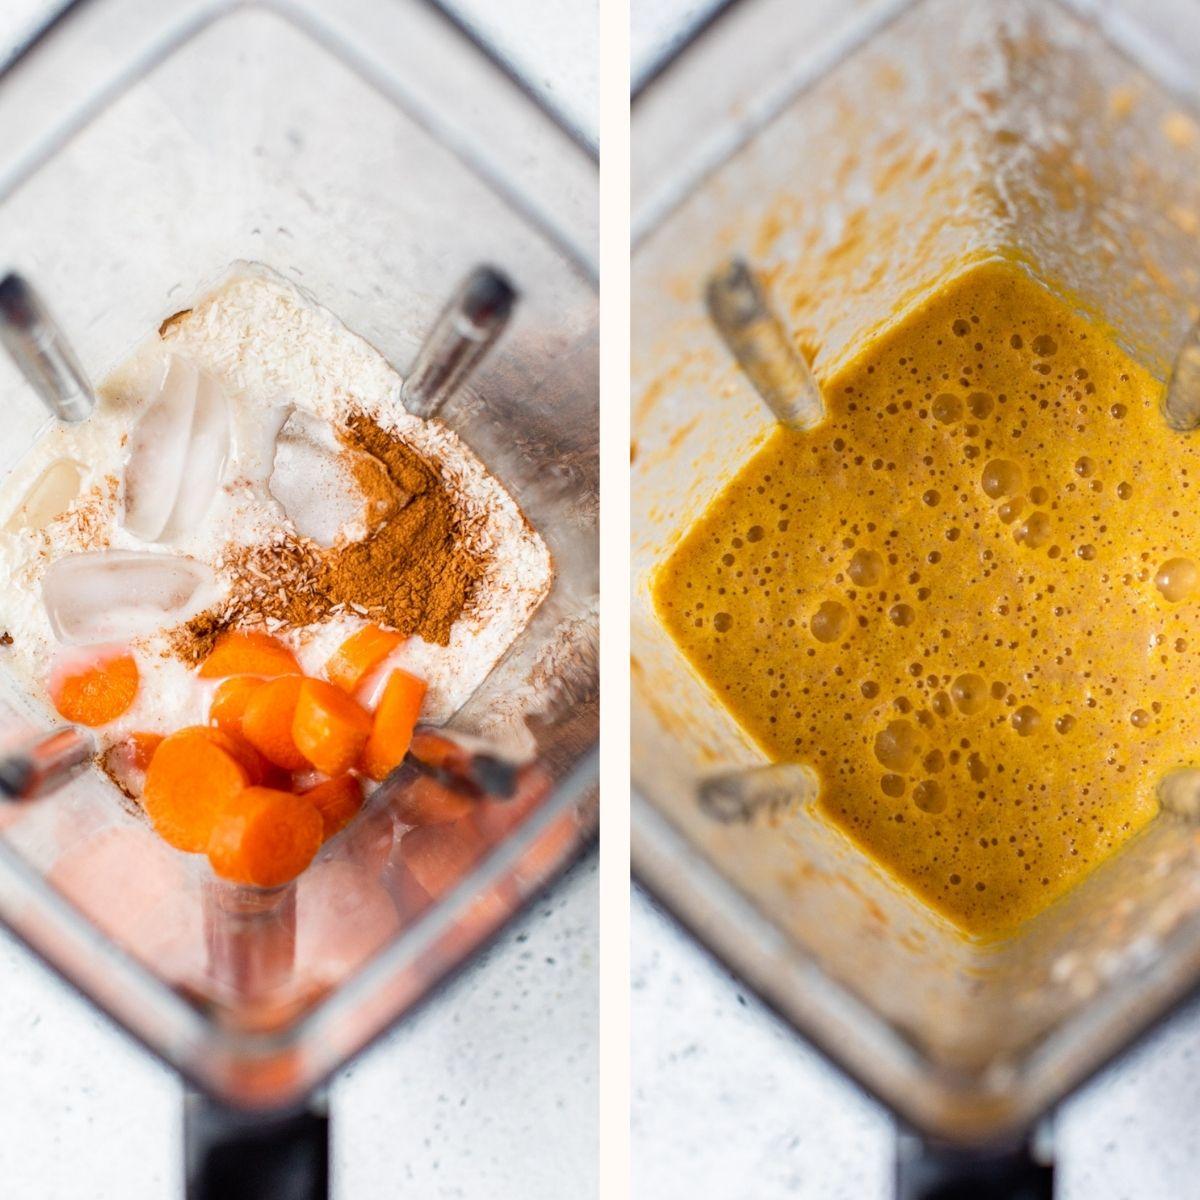 smoothie blended in a blender